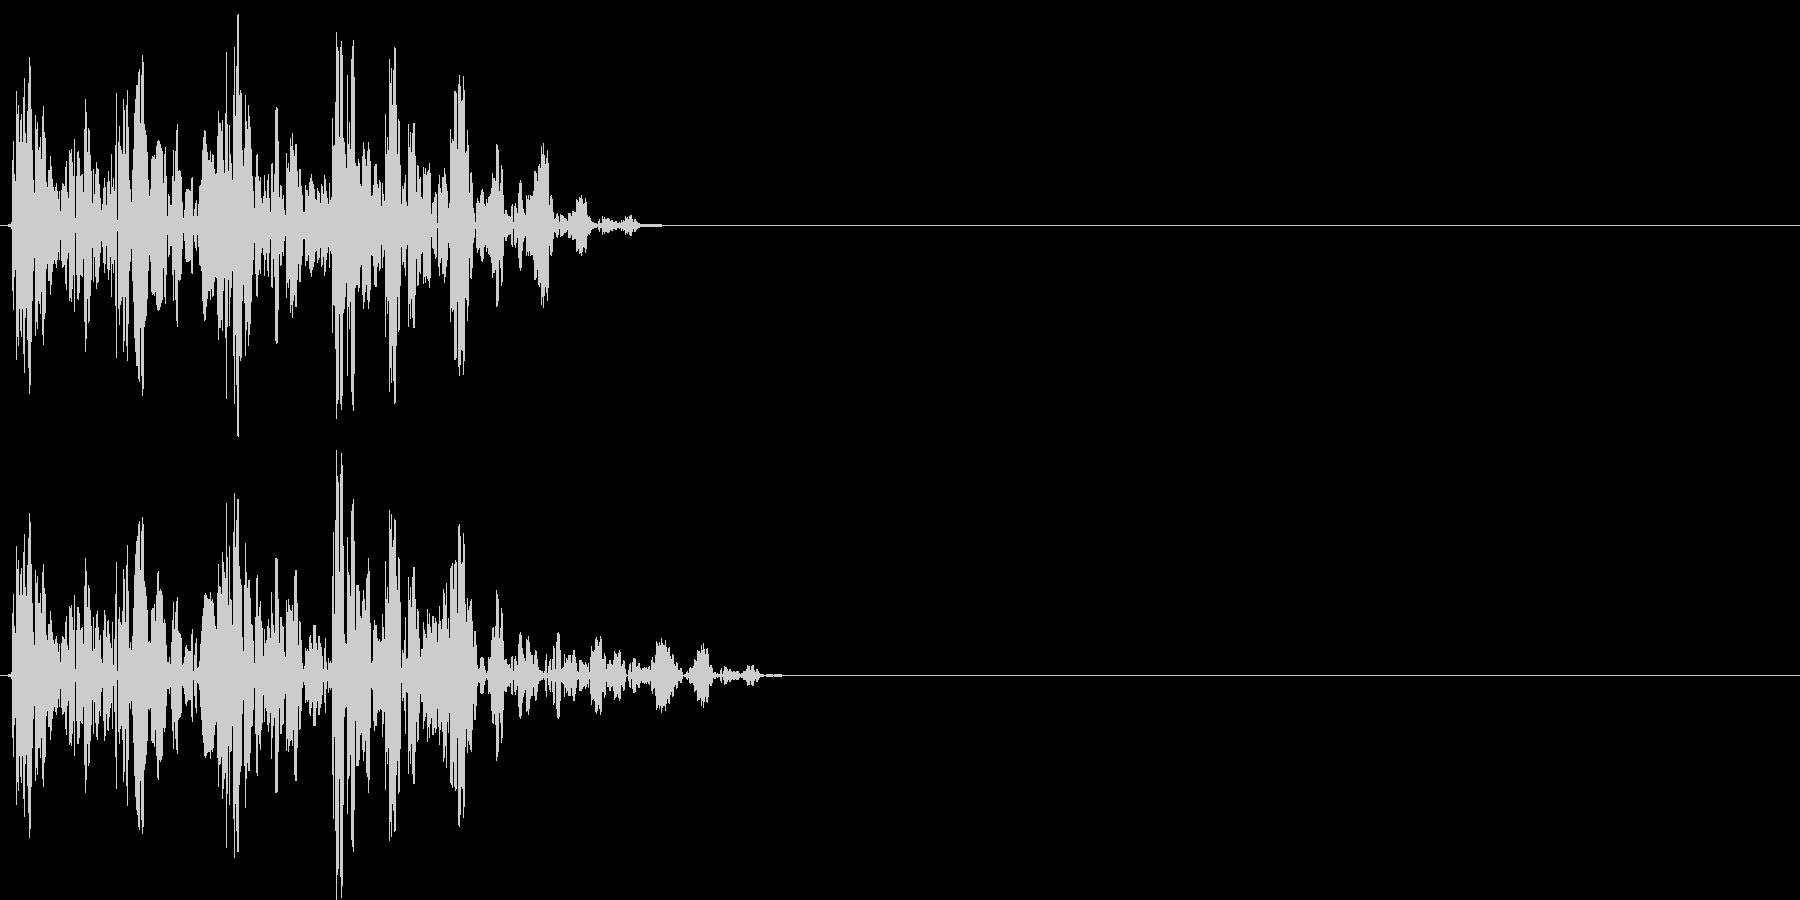 【ポコッ】ファミコン系 敵を倒す音_04の未再生の波形